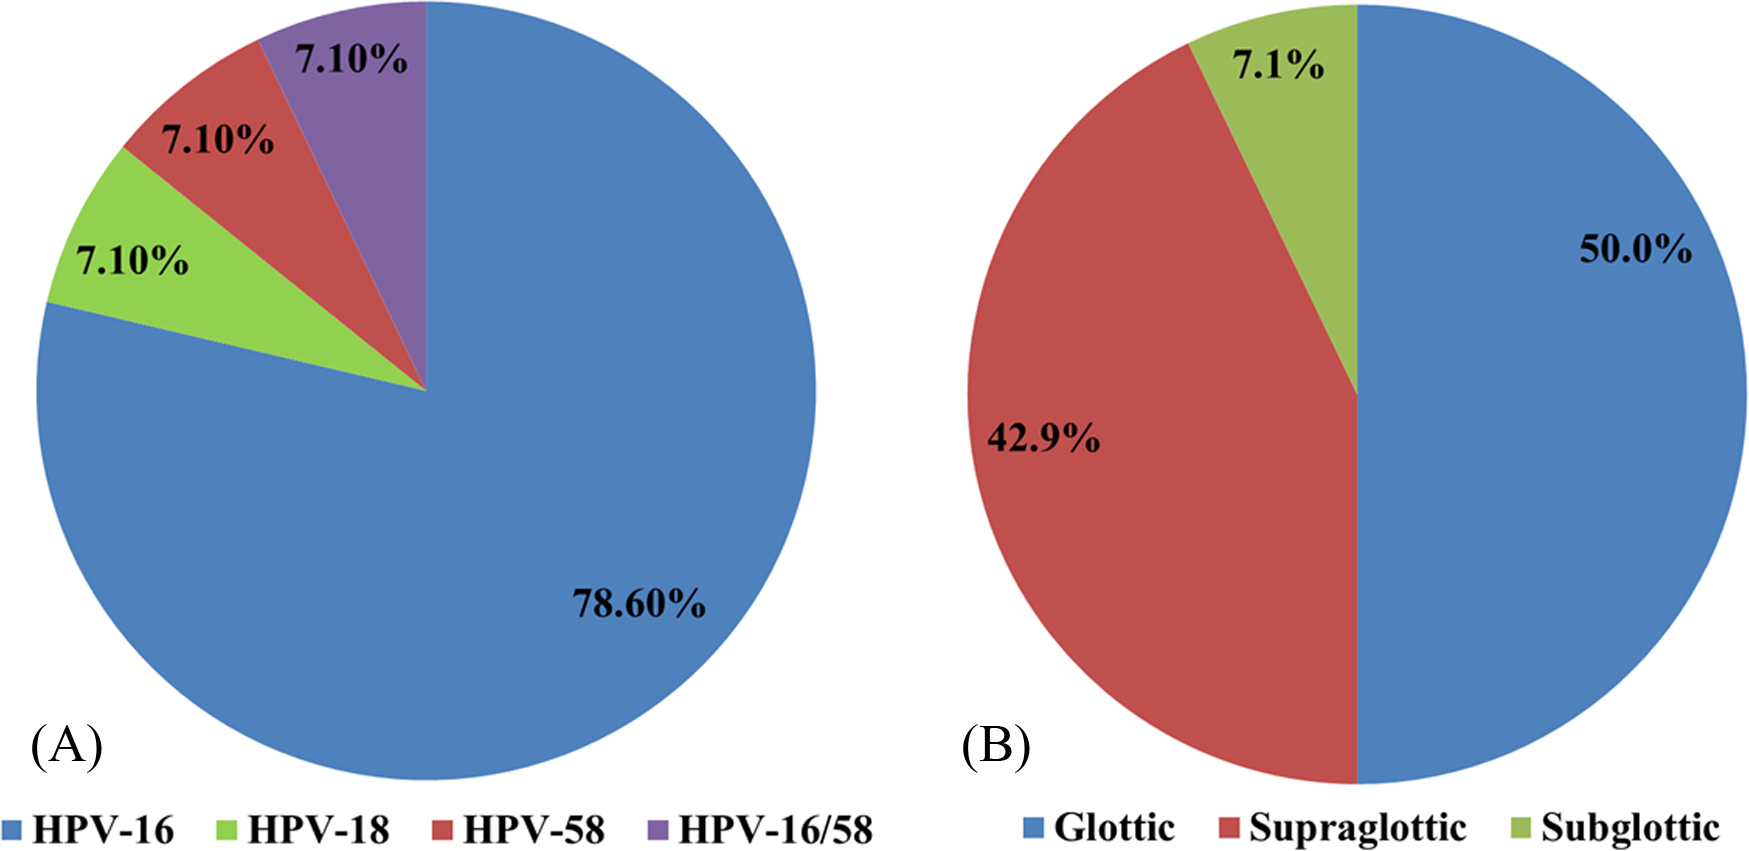 human papillomavirus laryngeal cancer human papilloma virus std